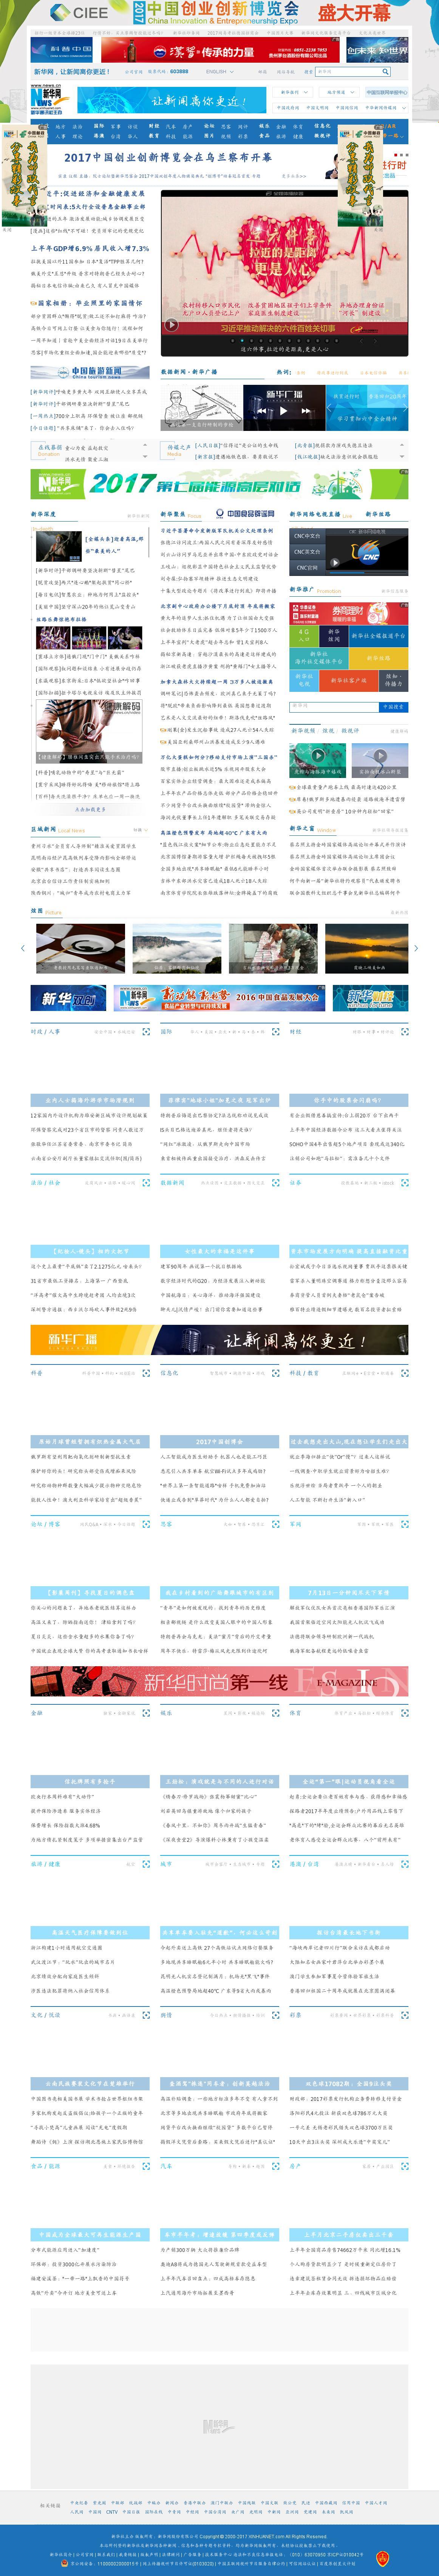 Xinhua at Monday July 17, 2017, 7:42 a.m. UTC